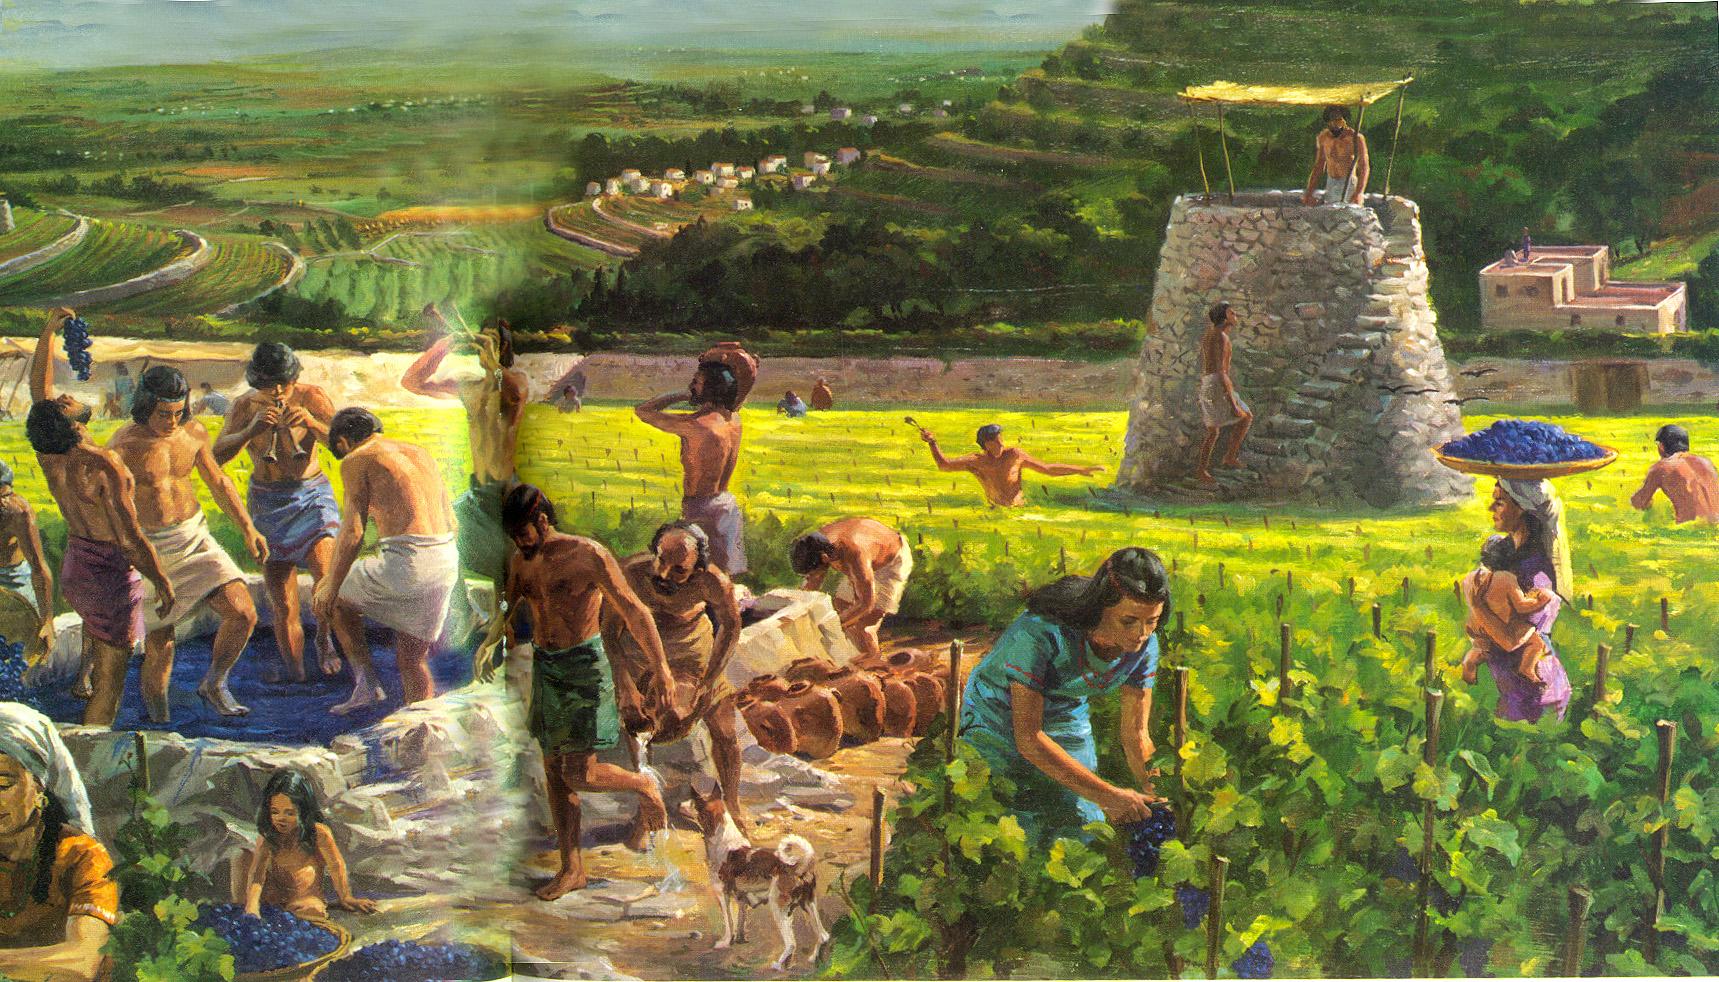 上图:古代以色列收获普通的艺术想象图,右边是瞭望台,左边是压酒池。